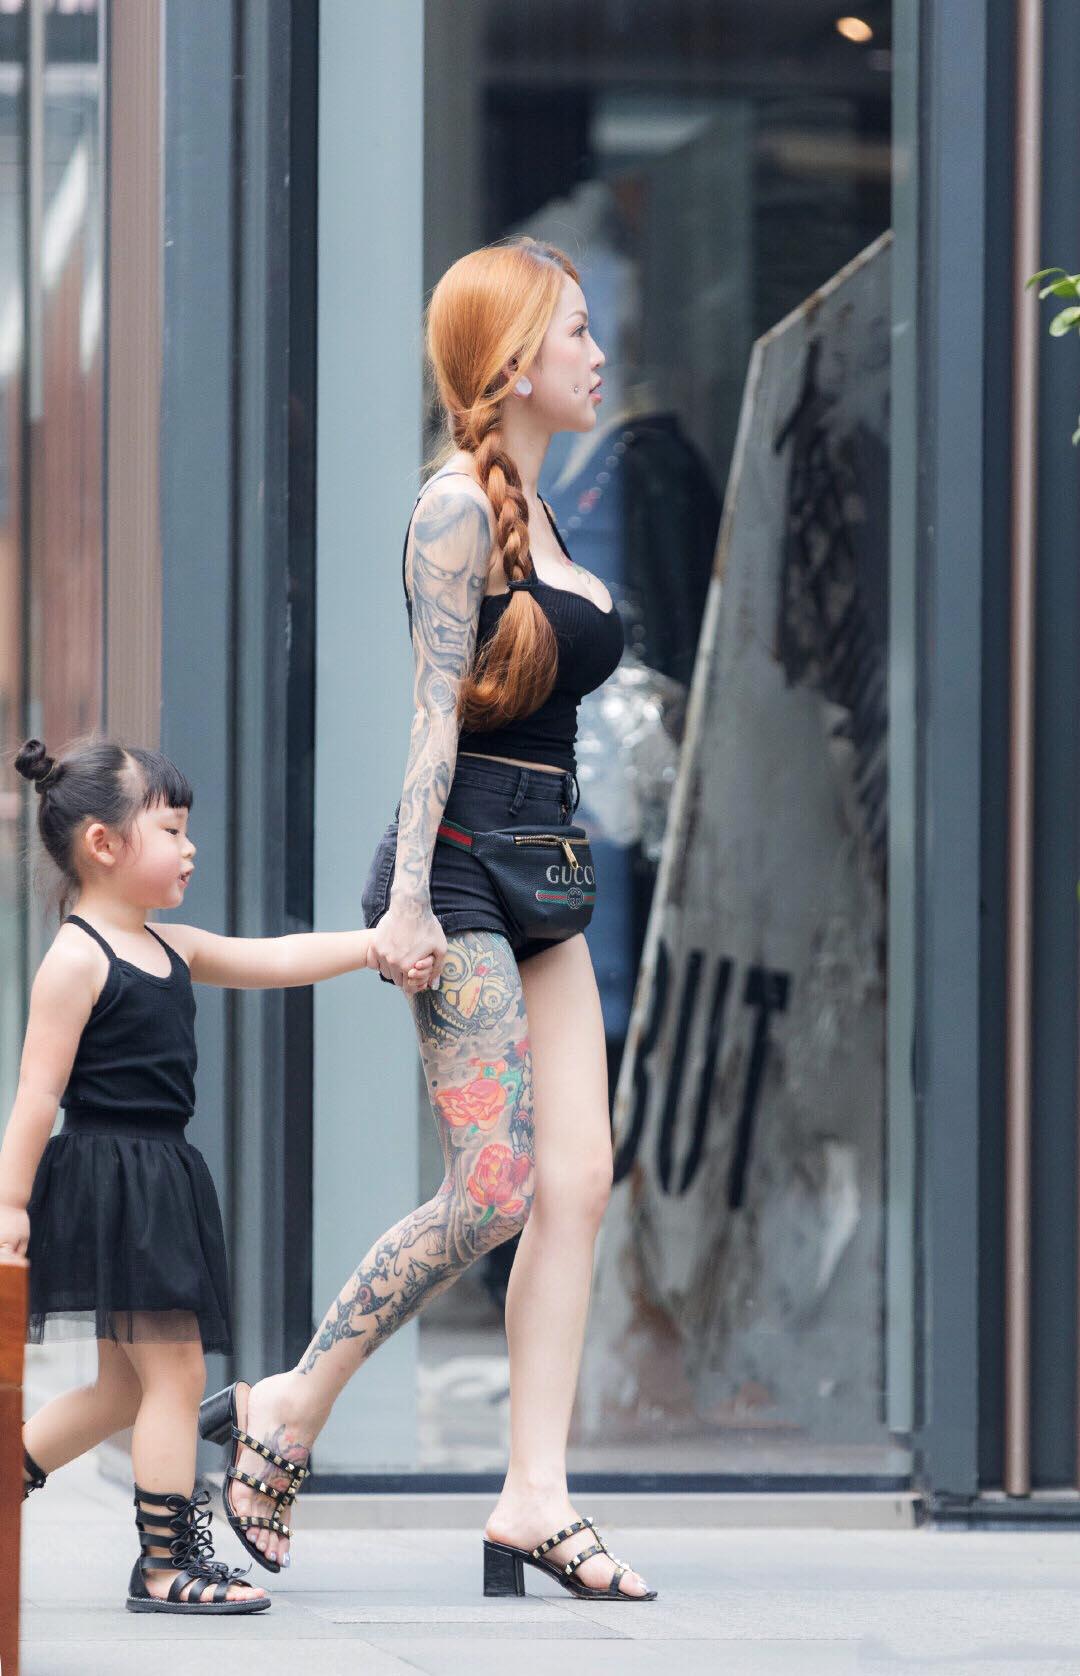 """Mốt áo """"ỡm ờ"""", quần """"chờ 1 phút"""" khoe hình xăm đại của bà mẹ trẻ dễ bị thiên hạ đàm tiếu - hình ảnh 3"""